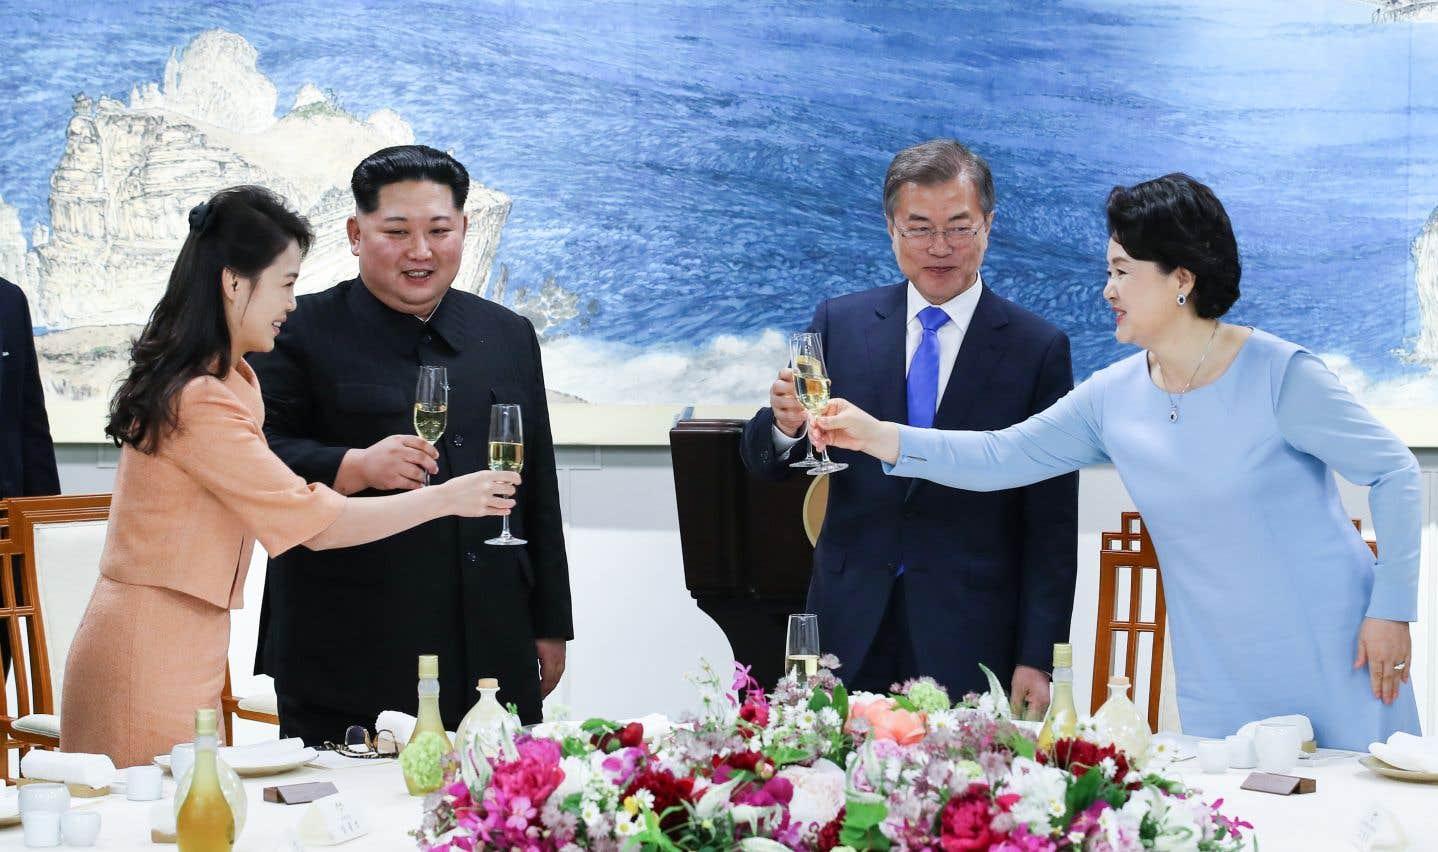 Les dirigeants des deux Corées et leurs épouses trinquent lors du repas officiel clôturant le sommet.